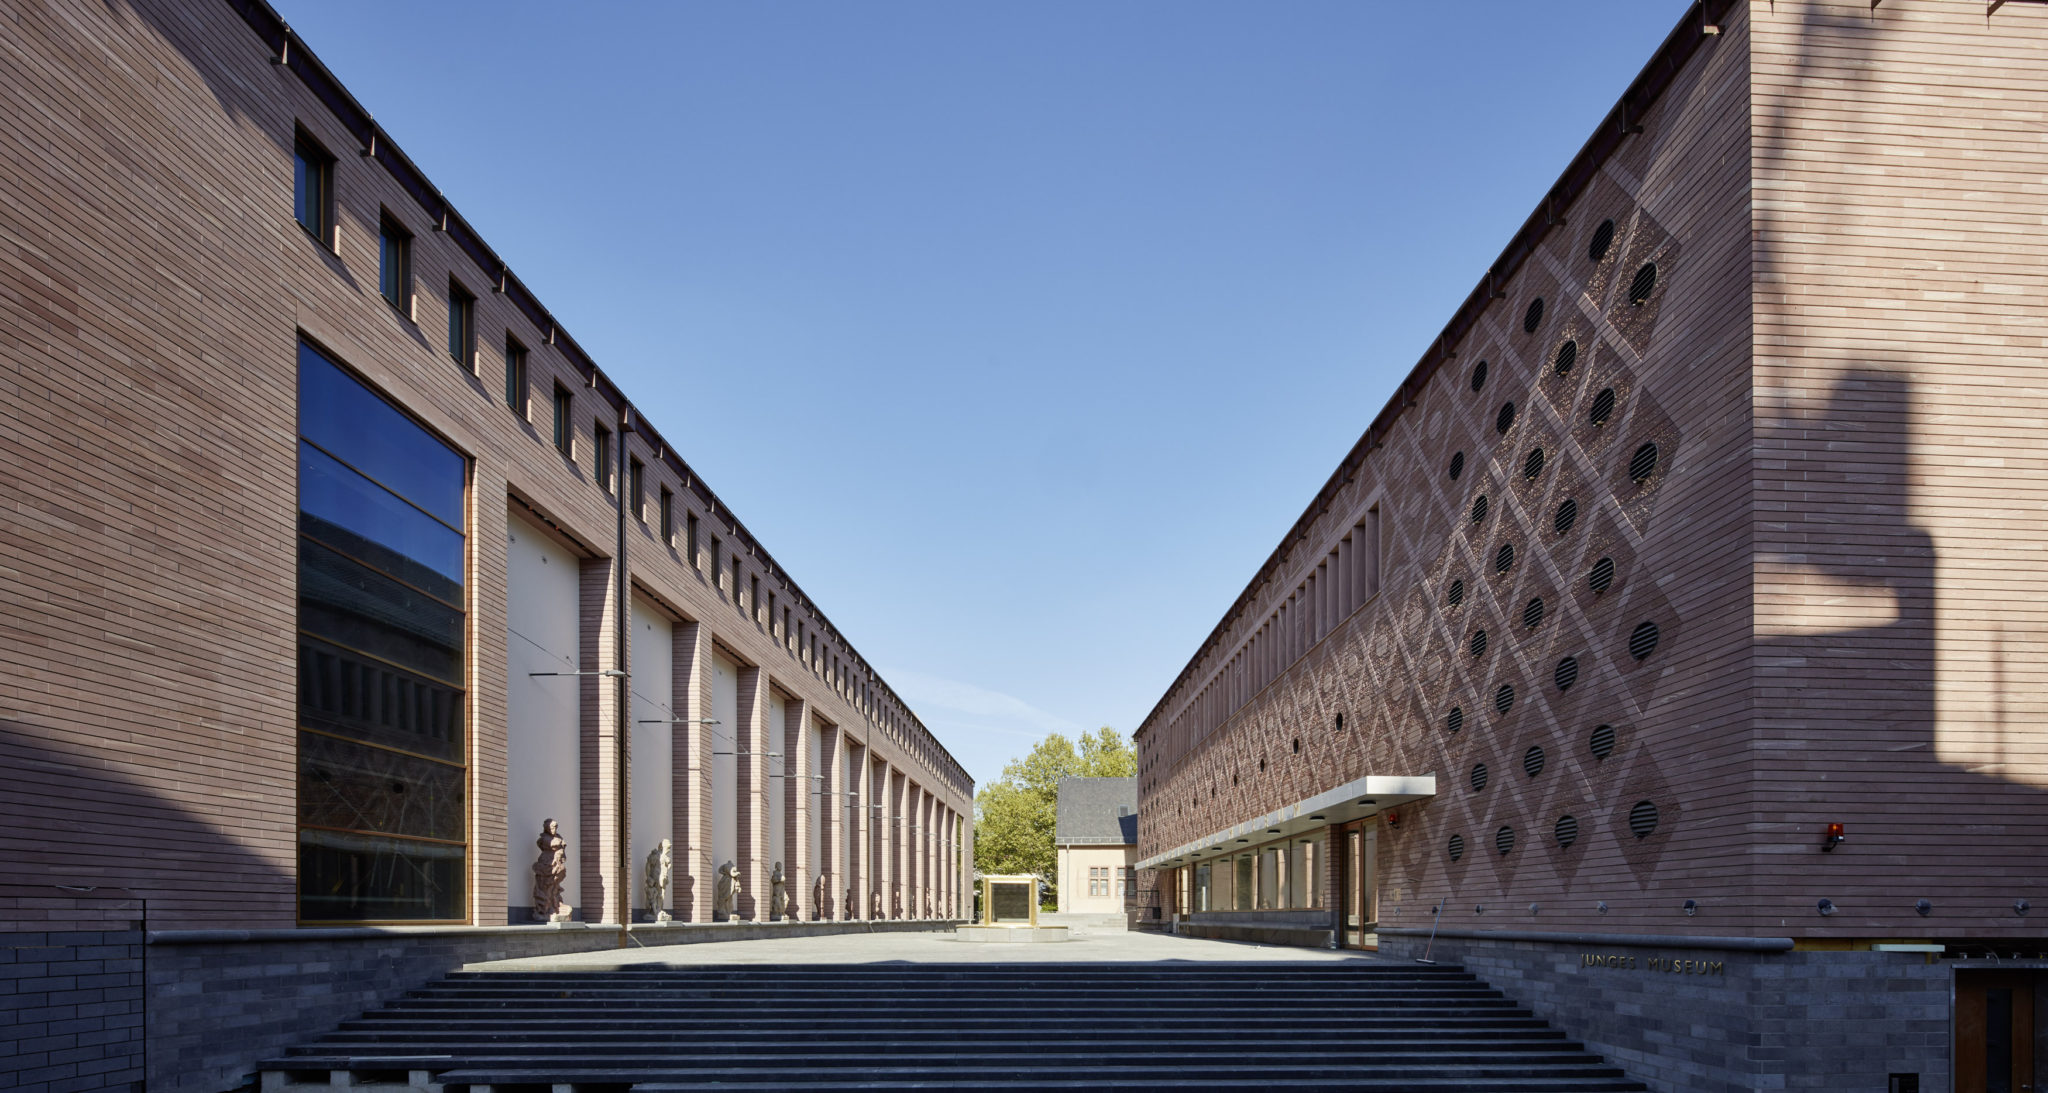 Museumsplatz mit Ausstelungshaus und Eingangsbau © Stadt Frankfurt LUMEN